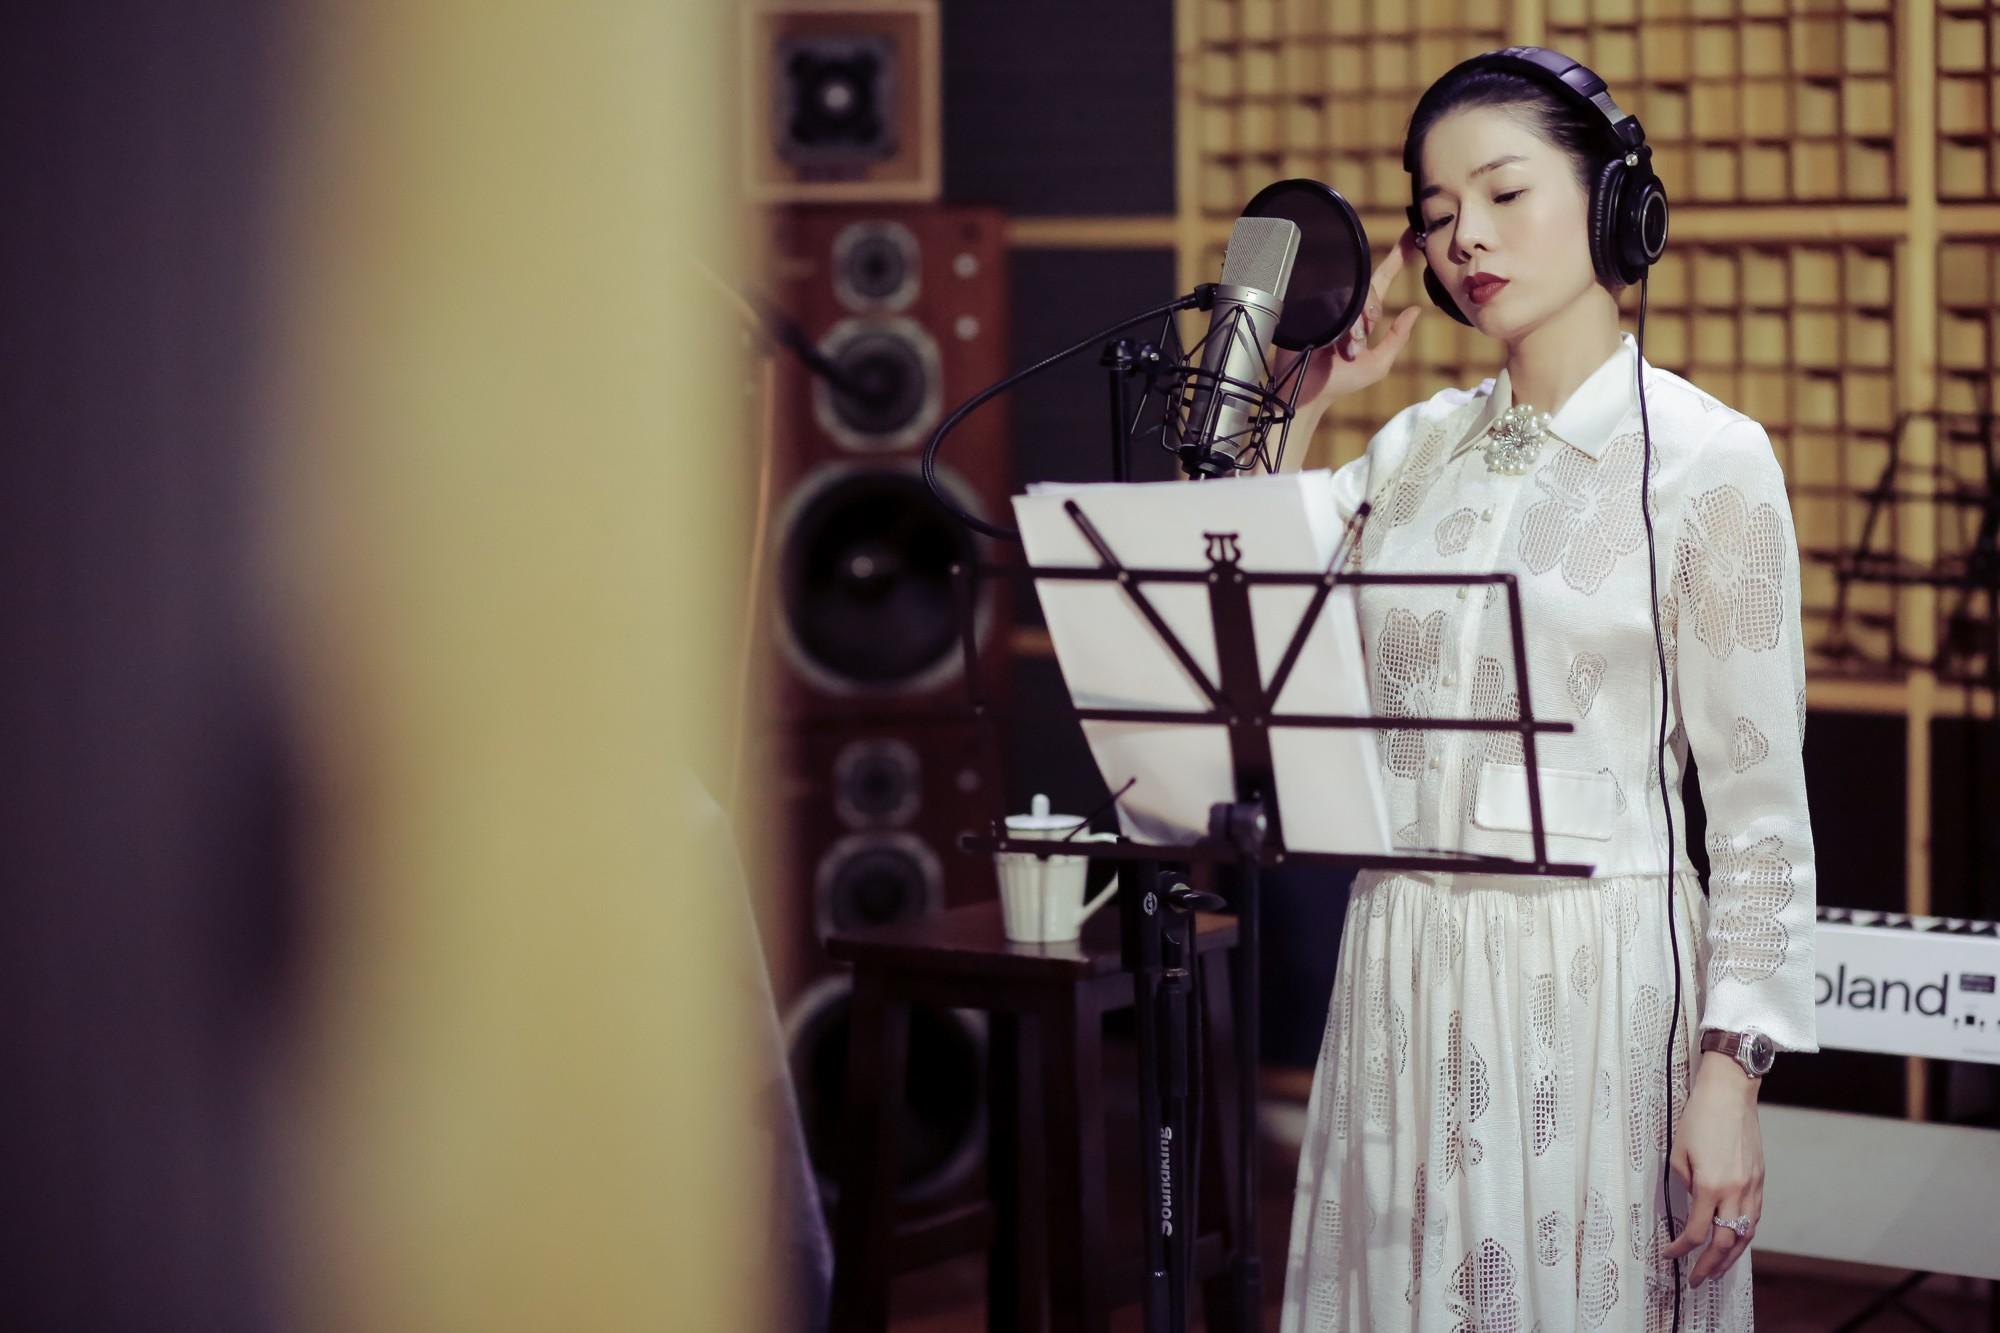 Chiều fan hết cỡ, Lệ Quyên ra mắt một lúc 2 album lớn với 2 dòng nhạc khác nhau